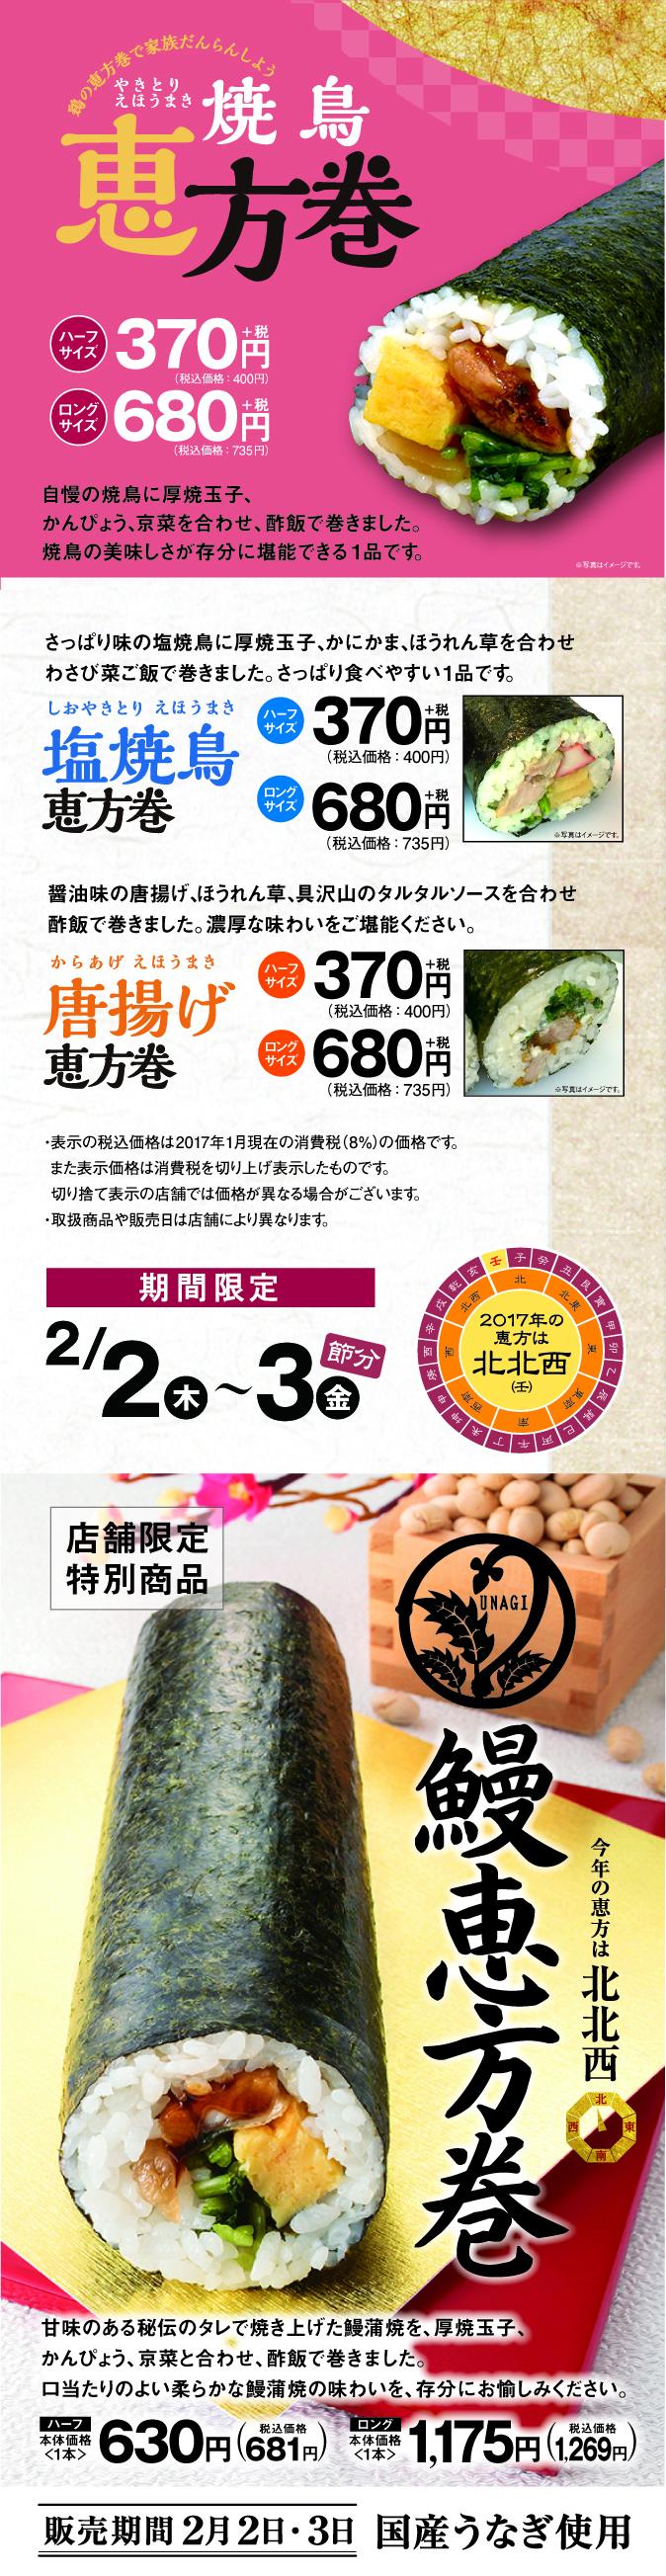 日本一からのお知らせ|焼鳥・惣菜・うなぎ(鰻) 株式会社日本一